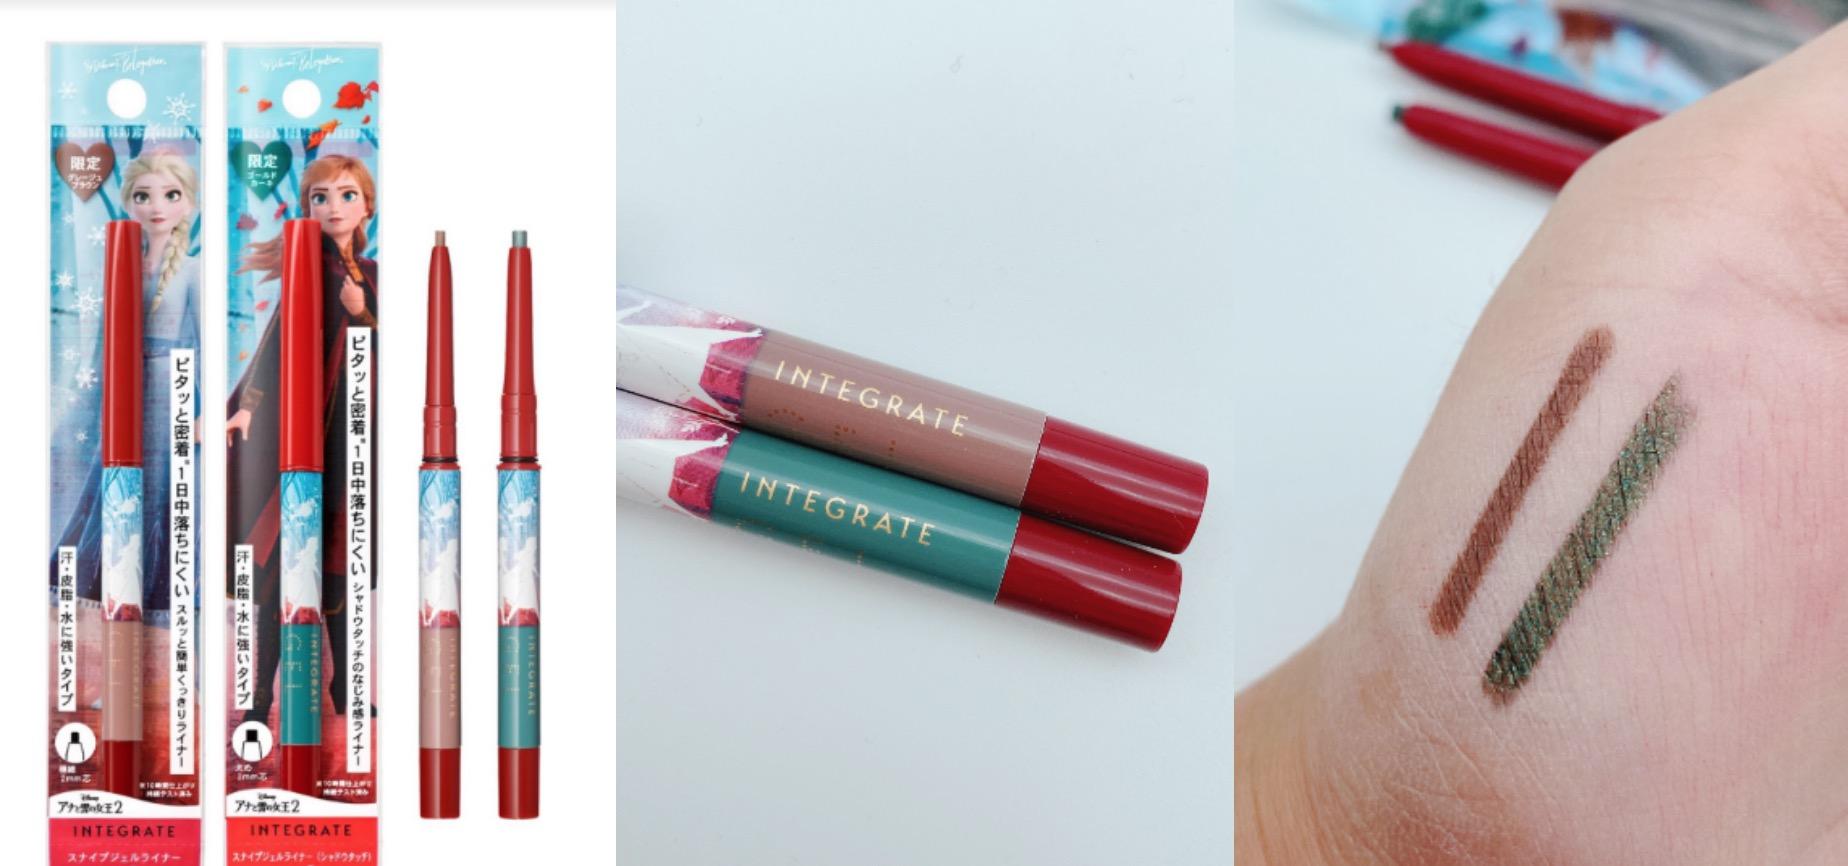 包括2mm極細筆芯的#BR艾莎灰棕與3mm份量感滑順筆芯的#GR安娜墨綠,可隨妝感選擇不同粗細、色系的筆芯。